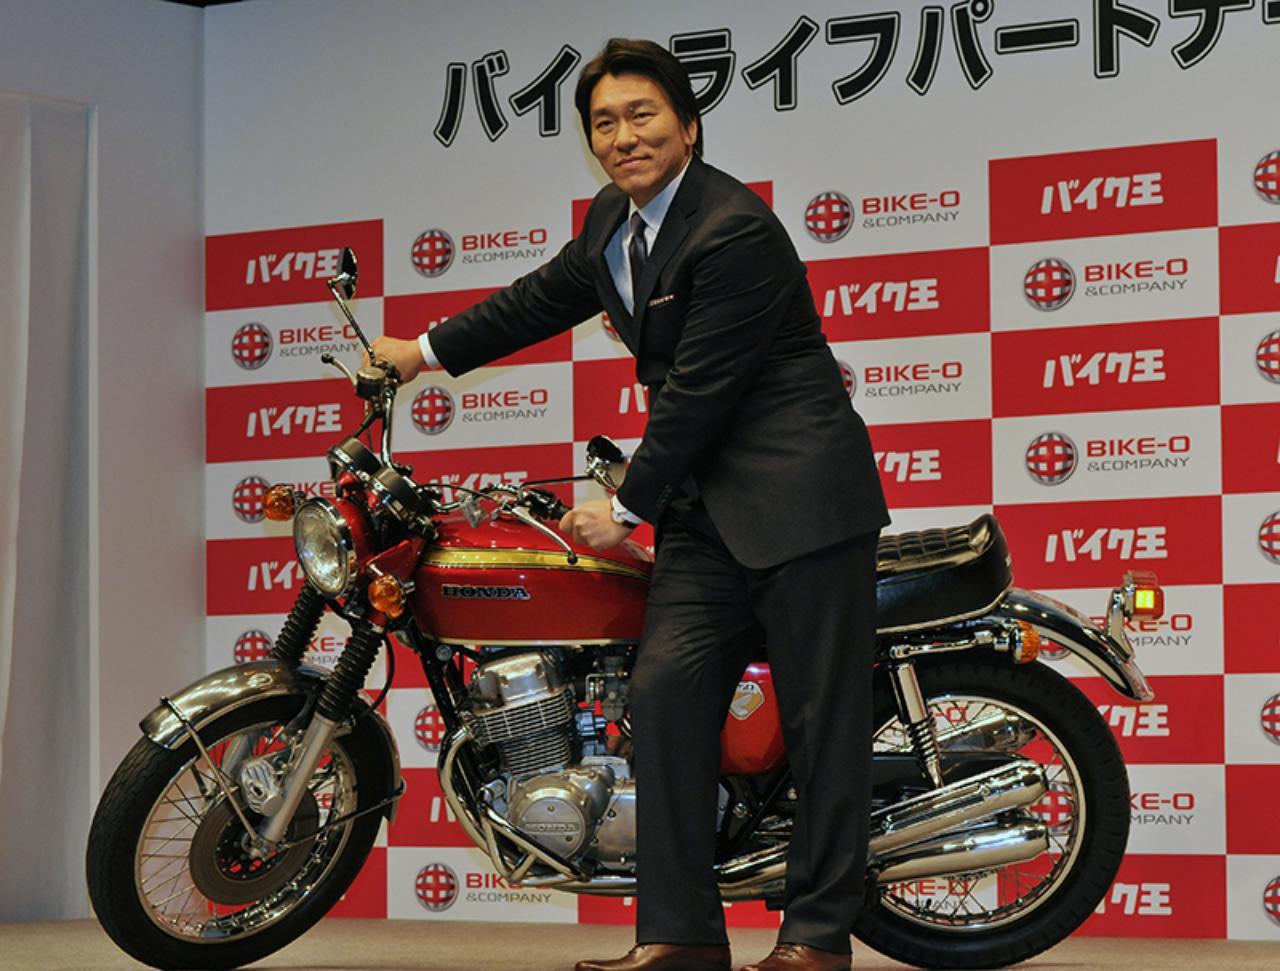 画像3: バイク王 新テレビCMキャラクターは松井秀喜氏に!